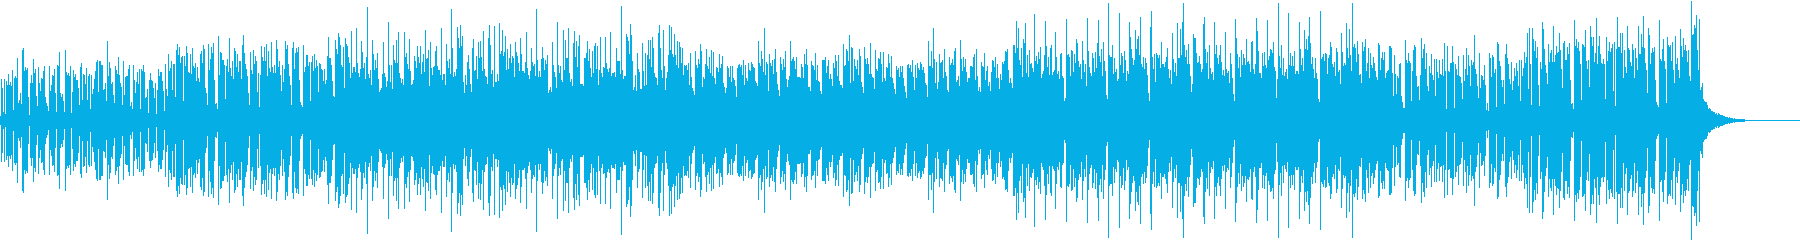 オープニングダンス等のインパクトの有るMの再生済みの波形